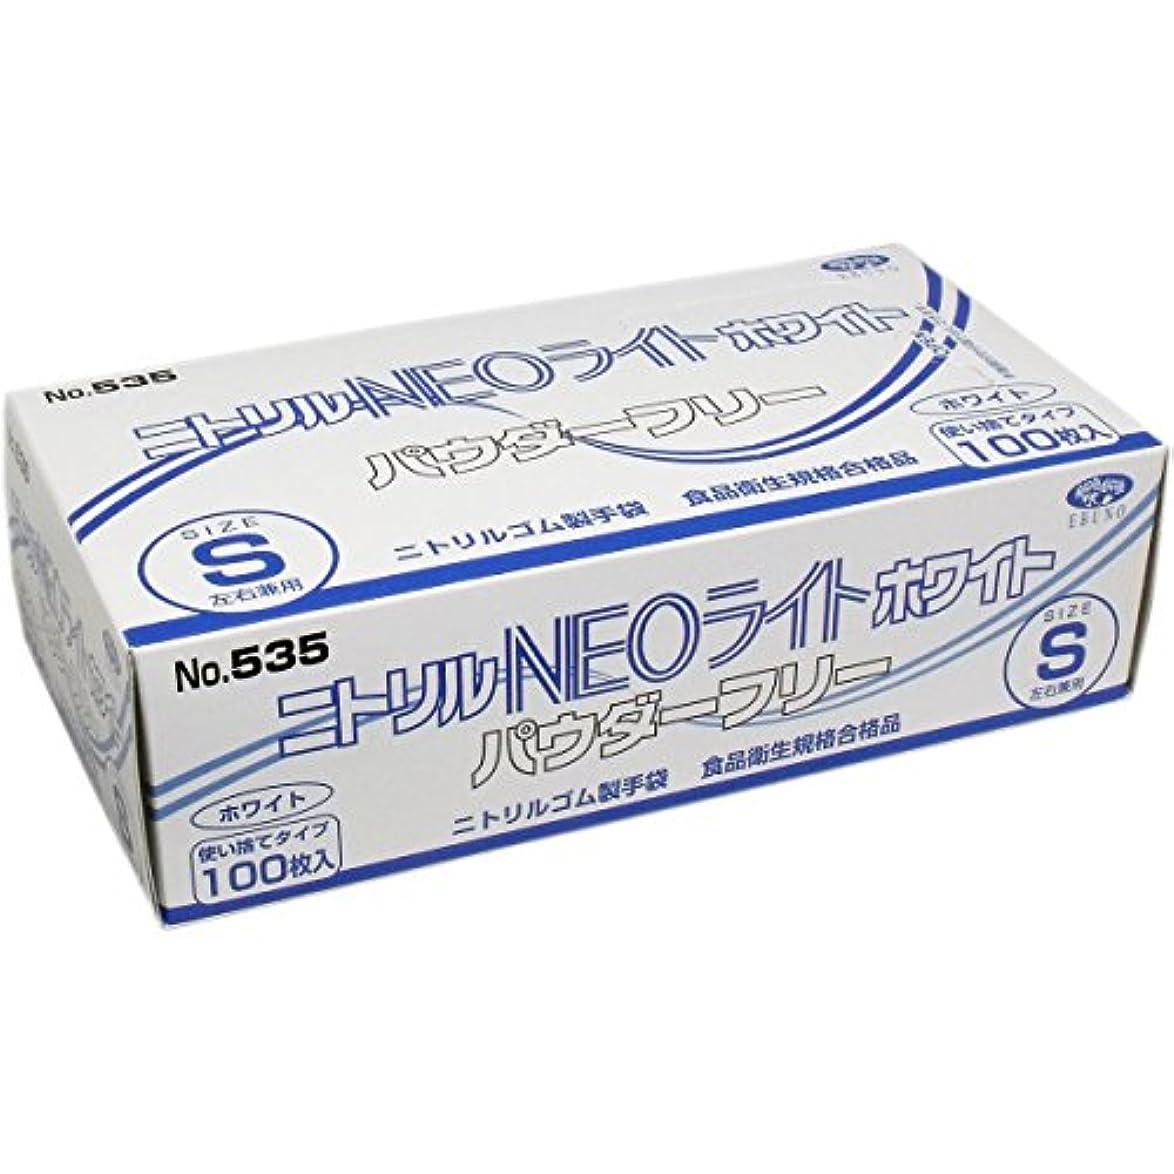 物理的に適応的砦ニトリル手袋 NEOライト パウダーフリー ホワイト Sサイズ 100枚入(単品1個)